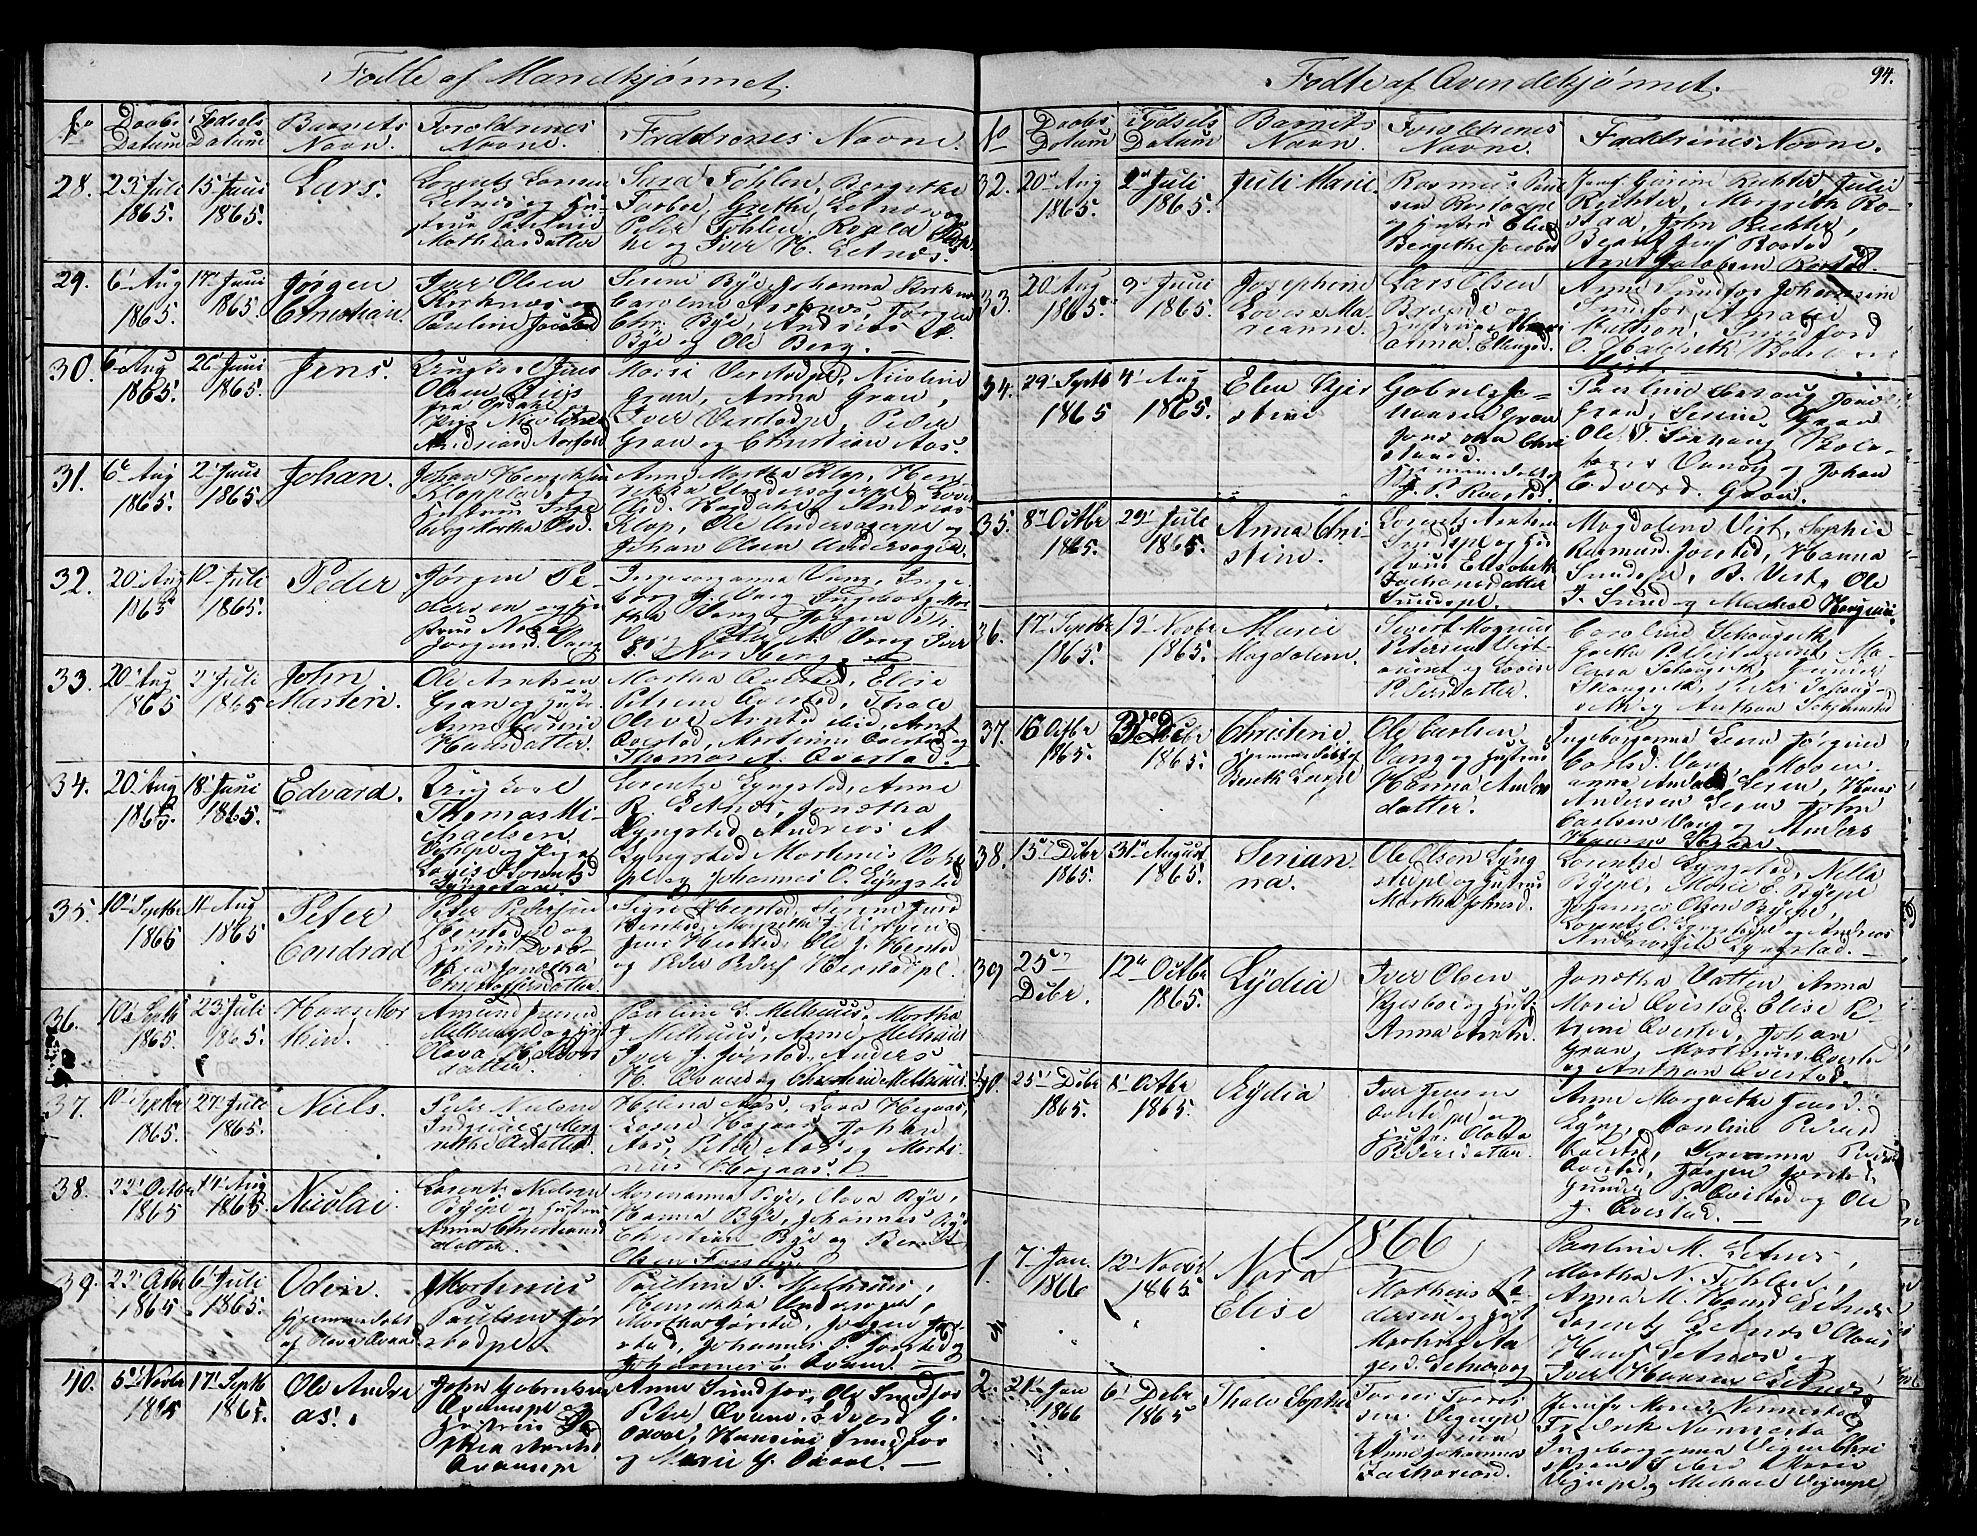 SAT, Ministerialprotokoller, klokkerbøker og fødselsregistre - Nord-Trøndelag, 730/L0299: Klokkerbok nr. 730C02, 1849-1871, s. 94